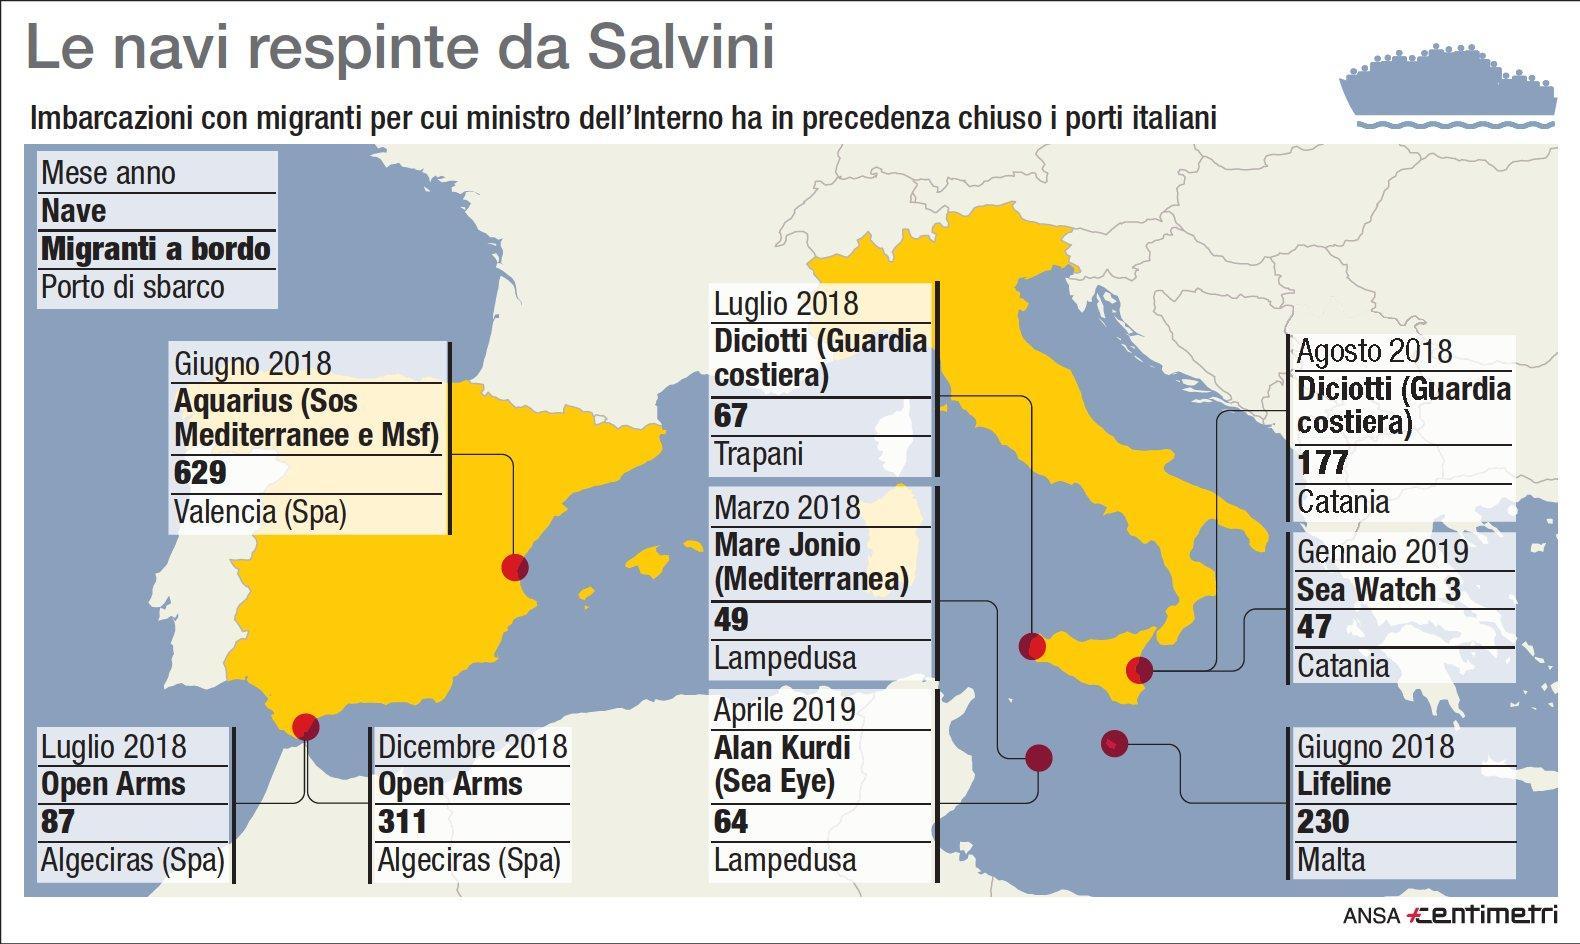 Migranti, le navi respinte da Matteo Salvini